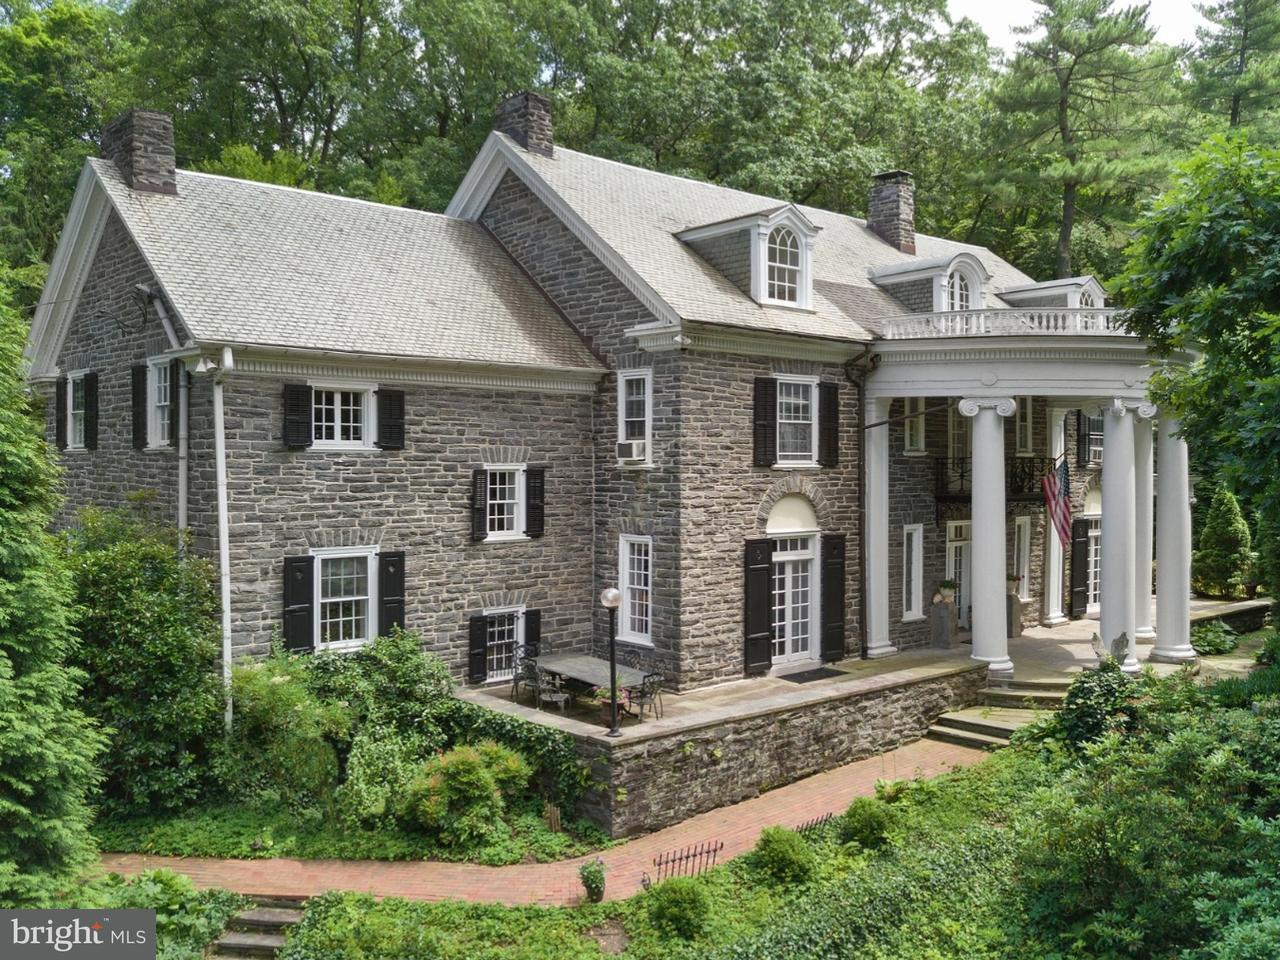 Частный односемейный дом для того Продажа на 300 GLENN Road Ardmore, Пенсильвания 19003 Соединенные Штаты